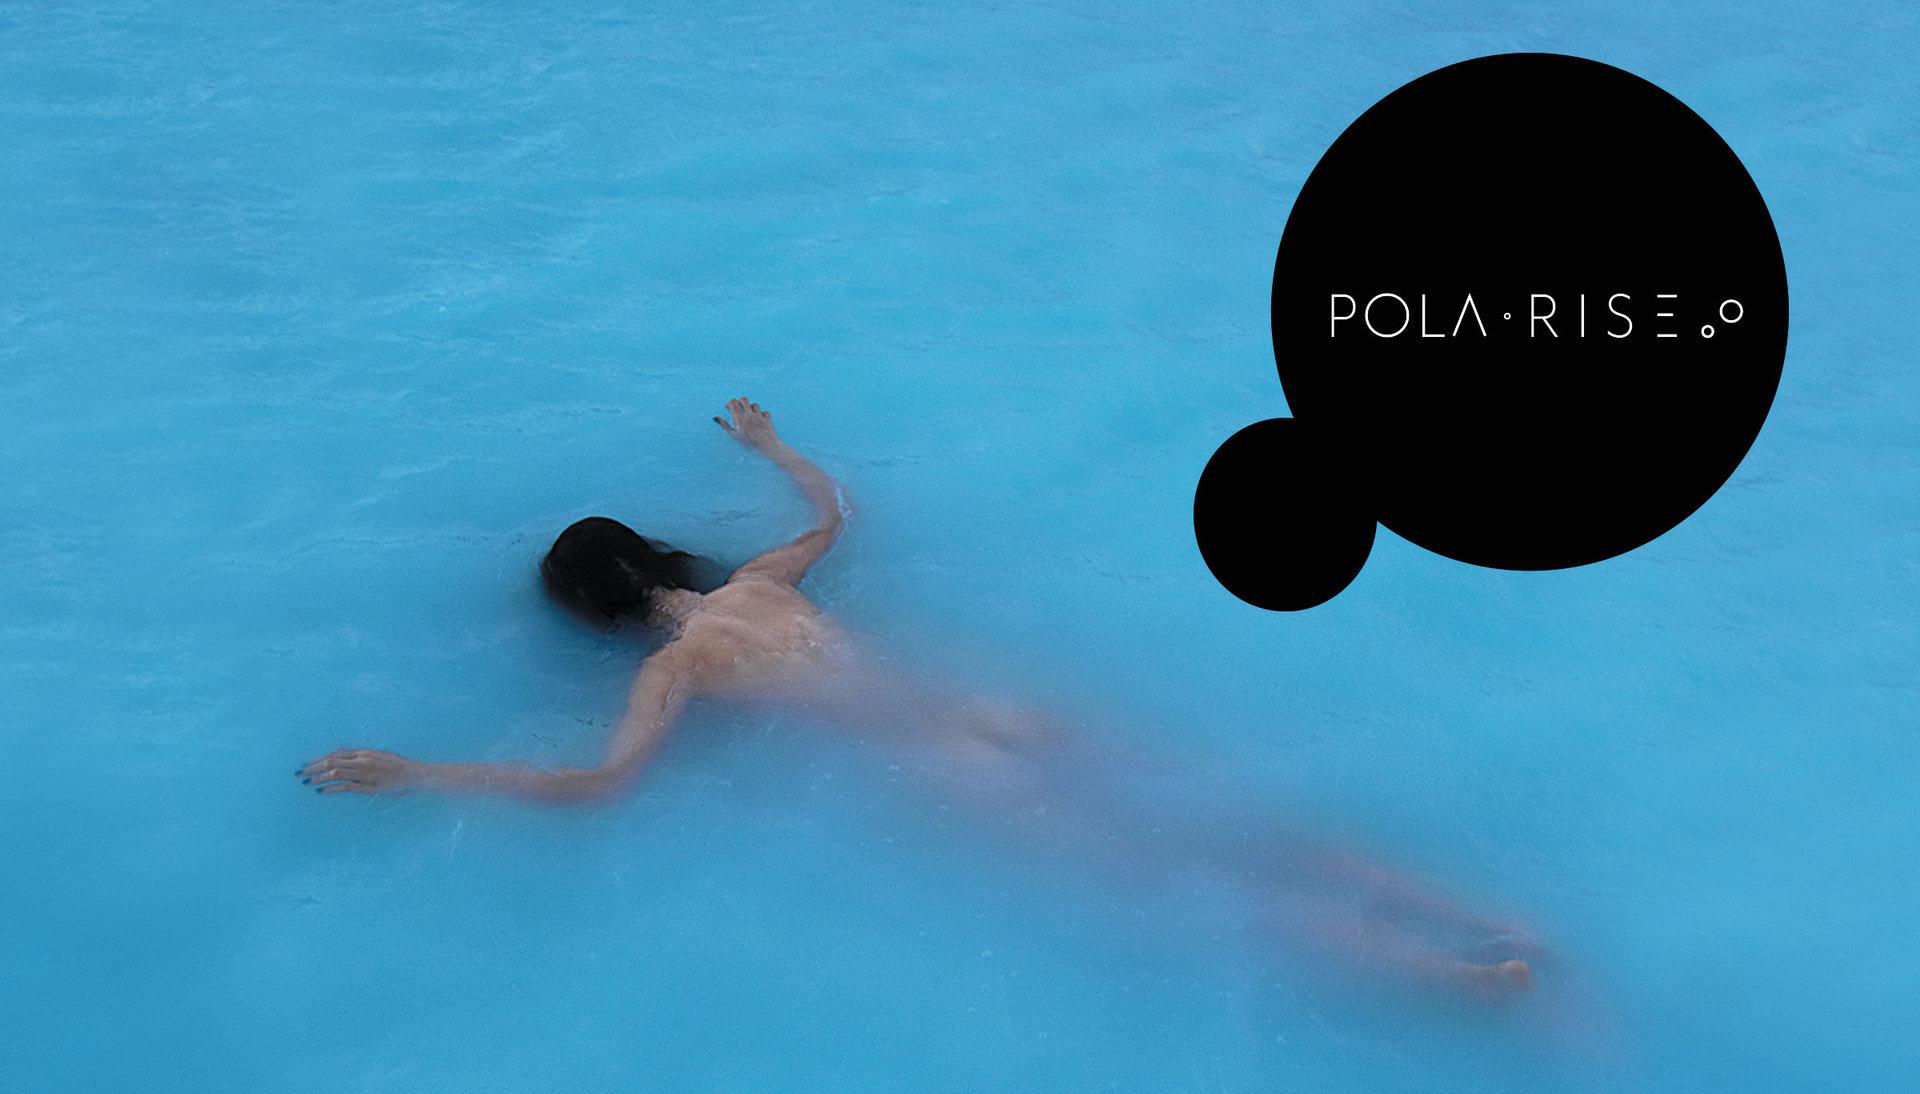 Premiera płyty Poli Rise za miesiąc, wystartował preorder